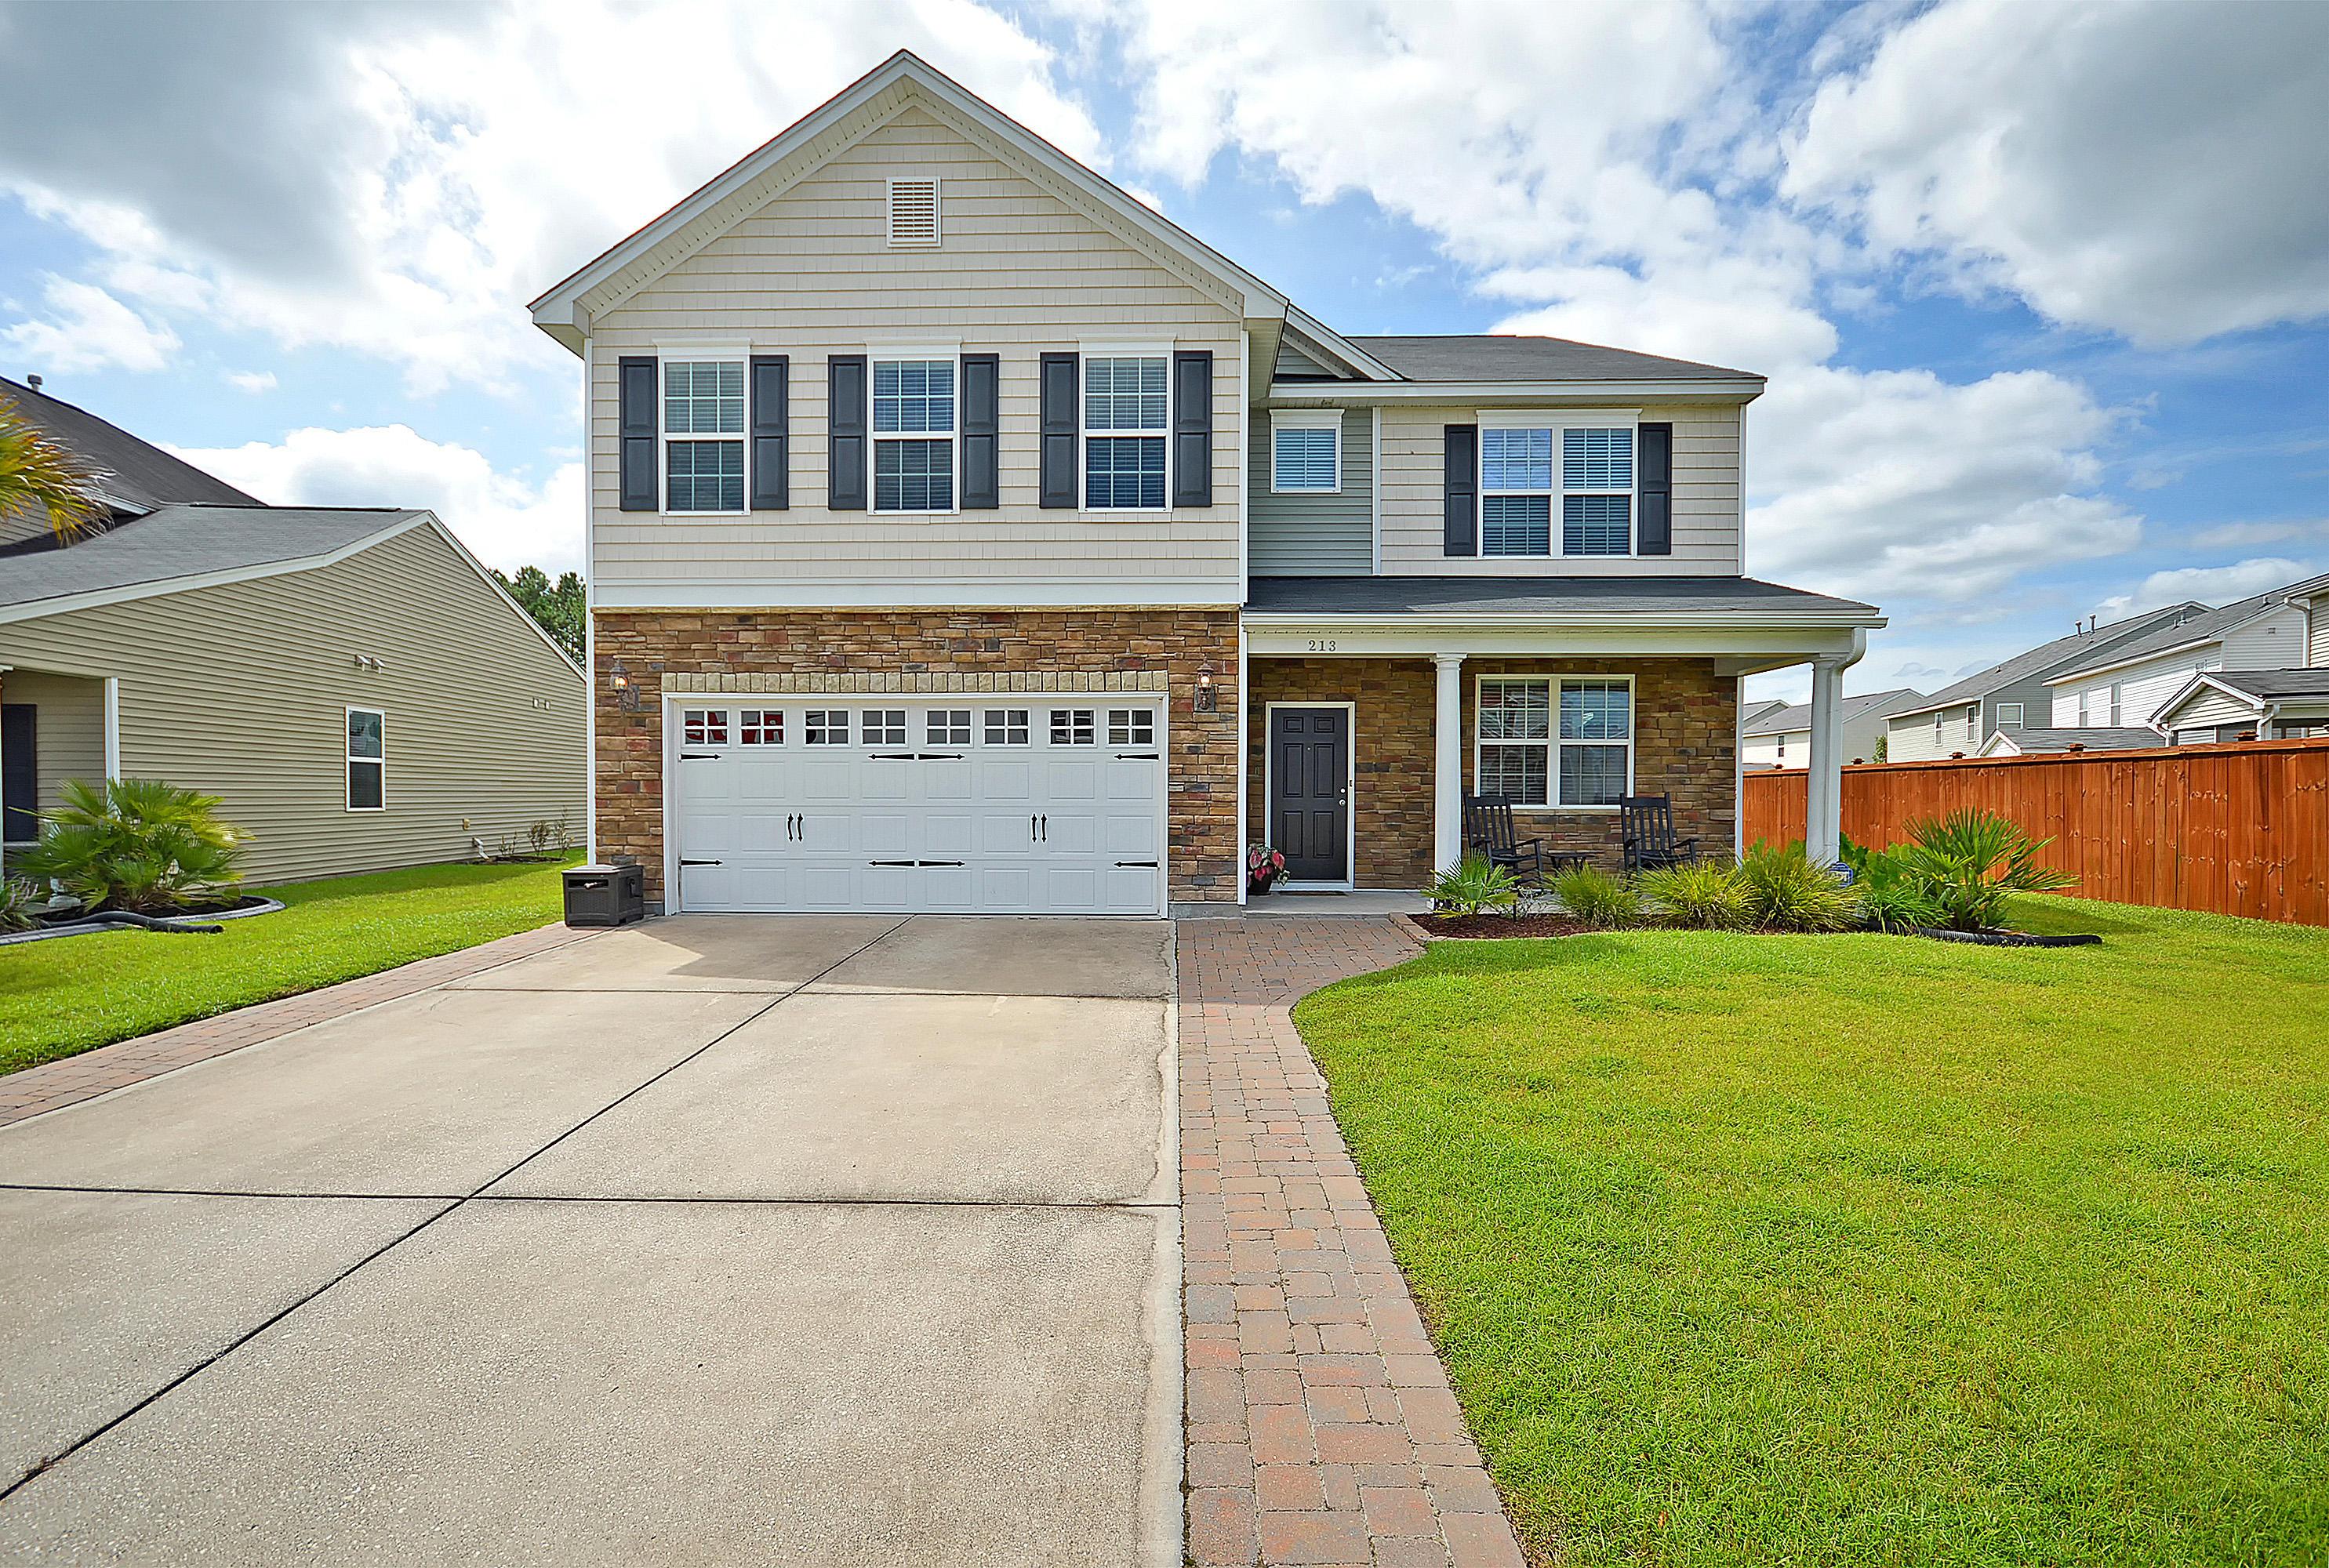 Cane Bay Plantation Homes For Sale - 213 Decatur, Summerville, SC - 11